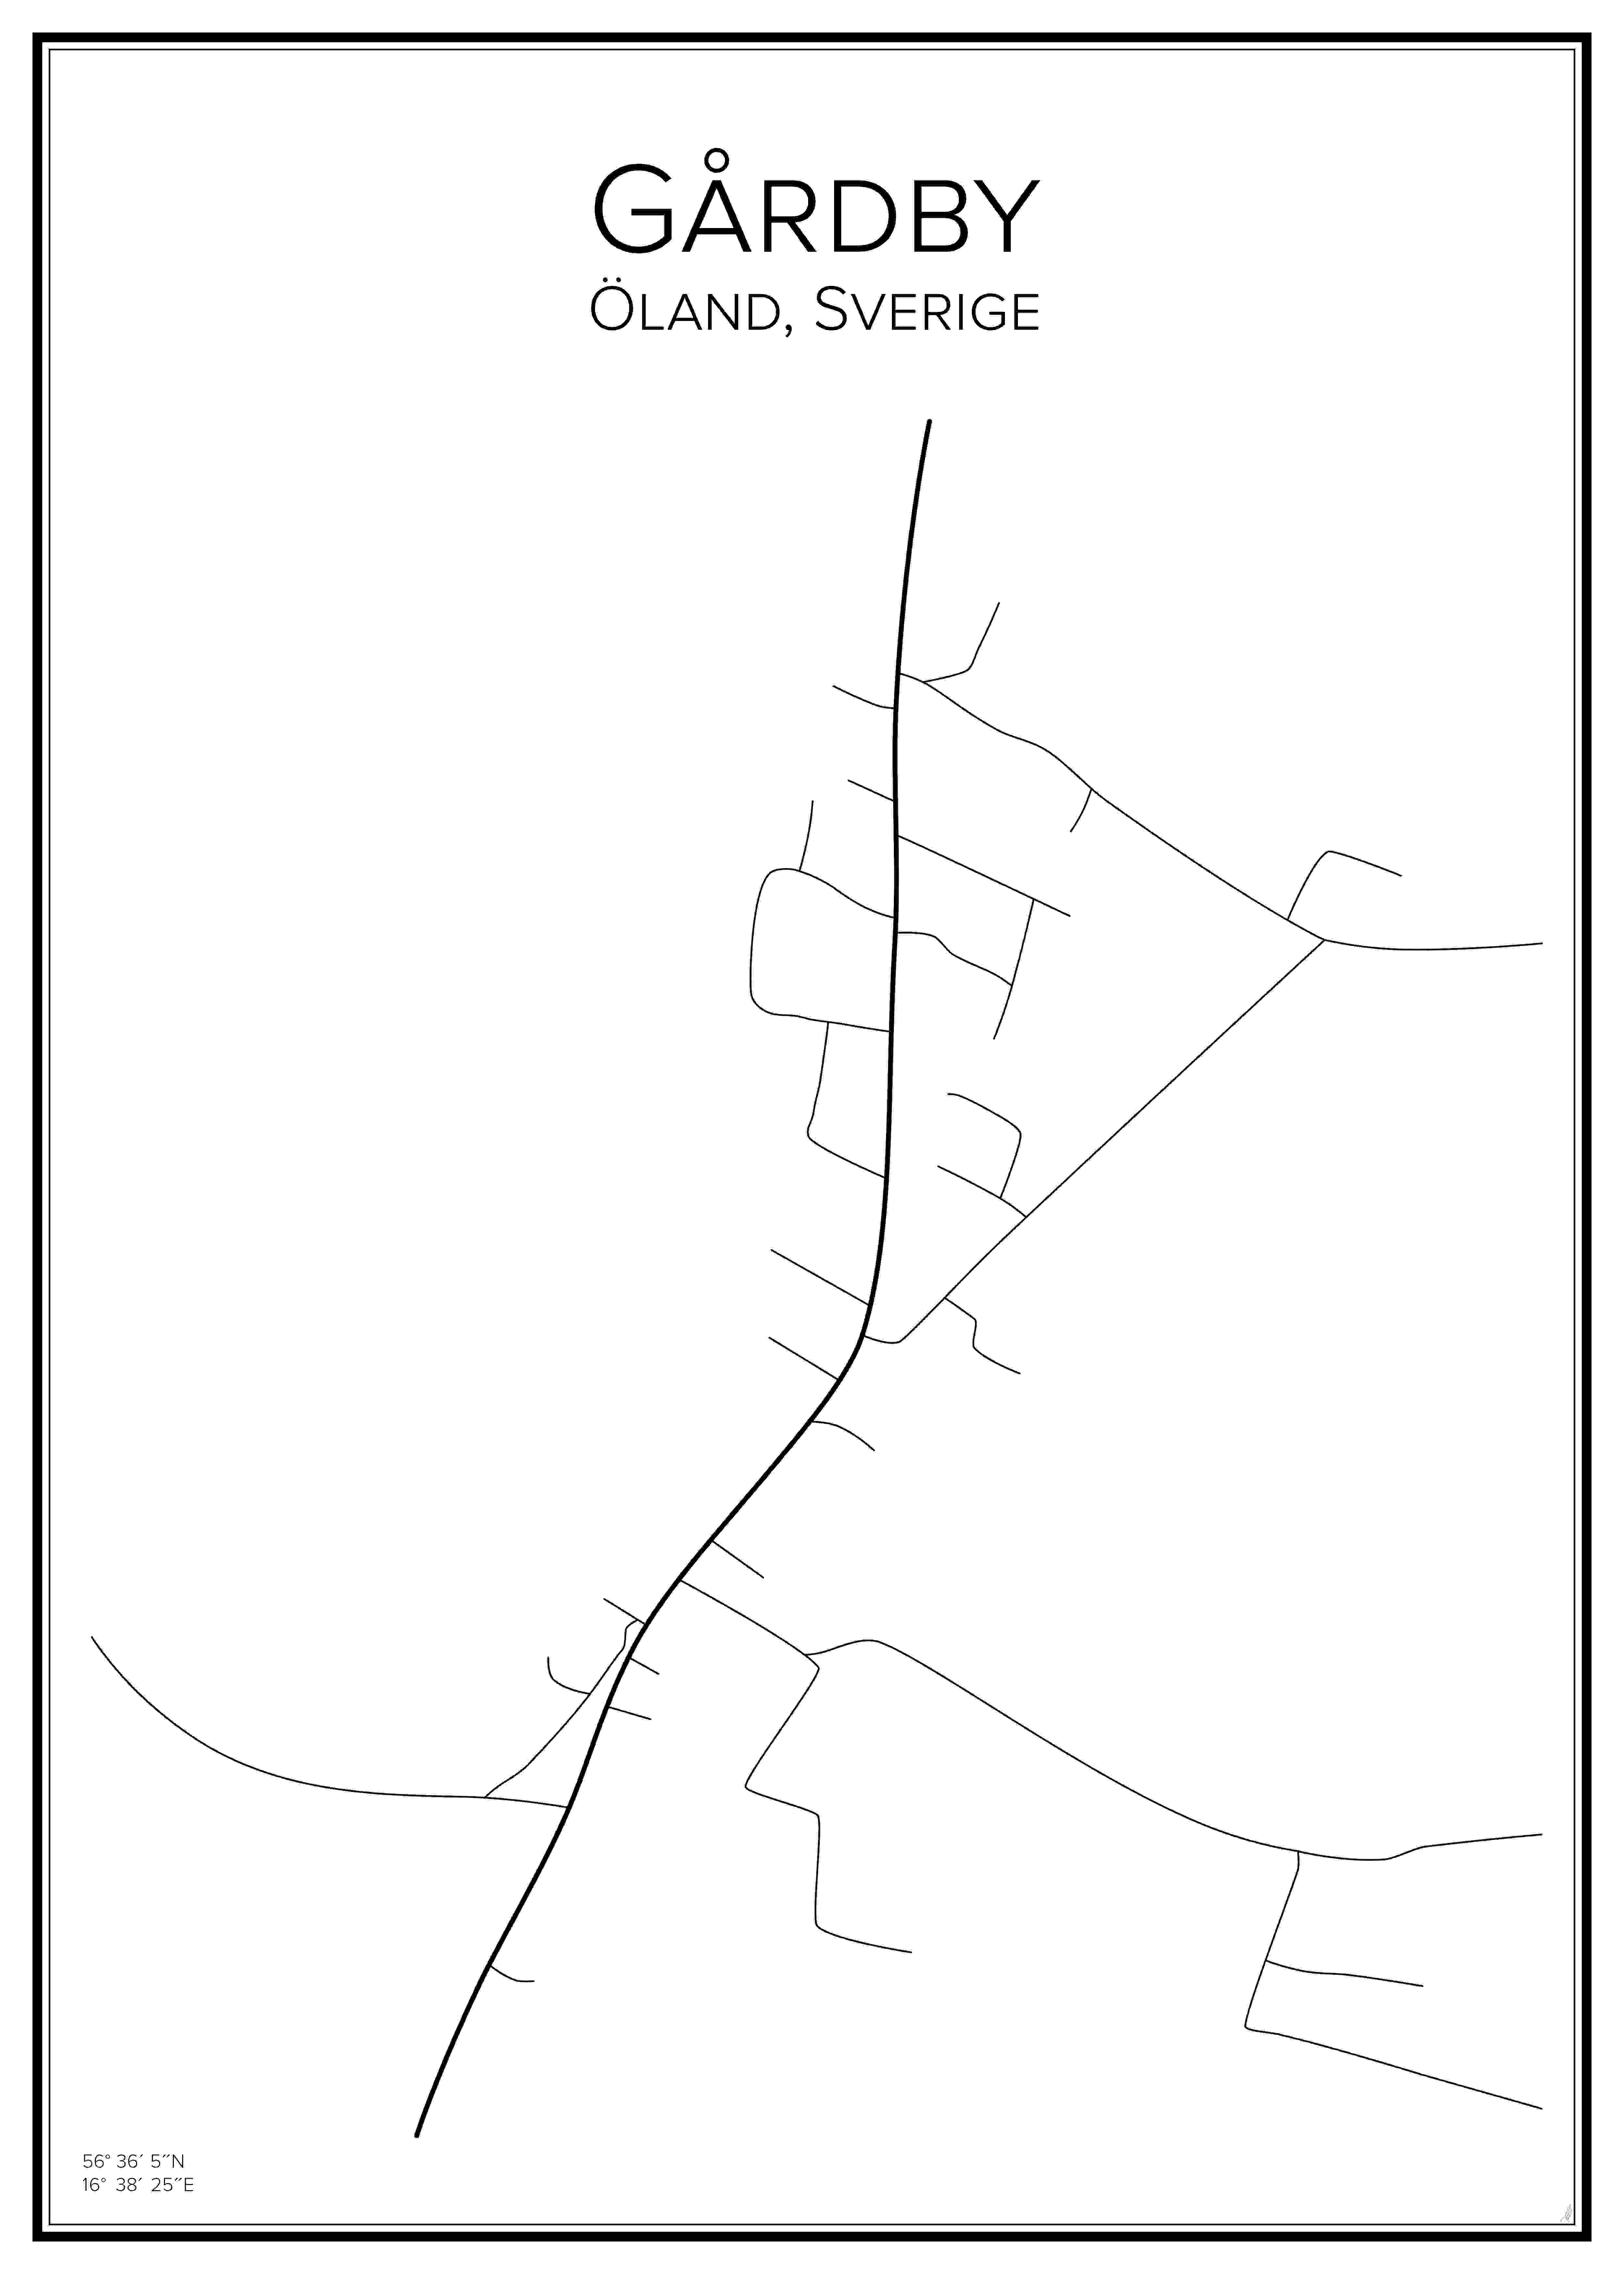 Stadskarta över Gårdby